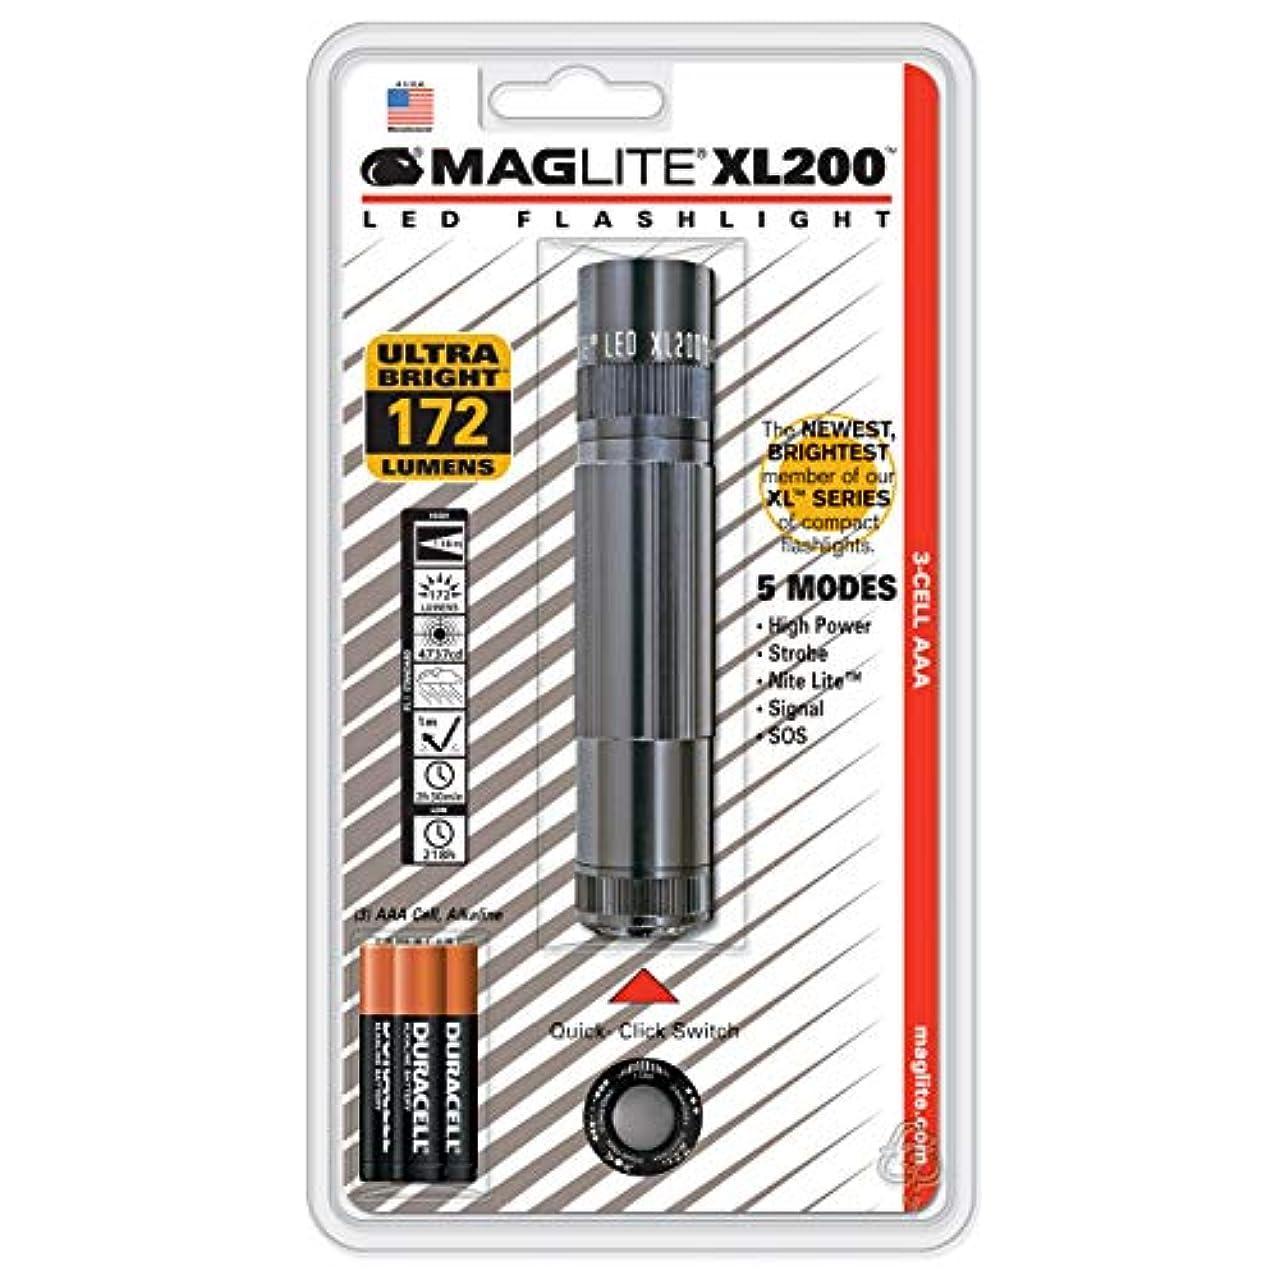 消防士修理可能ジムMAGLITE マグライト XL200 LED フラッシュライト